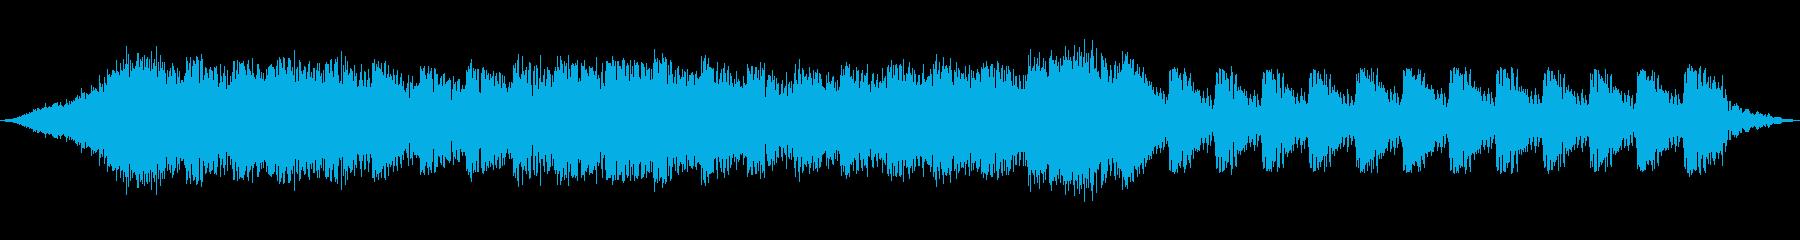 黒魔術の再生済みの波形